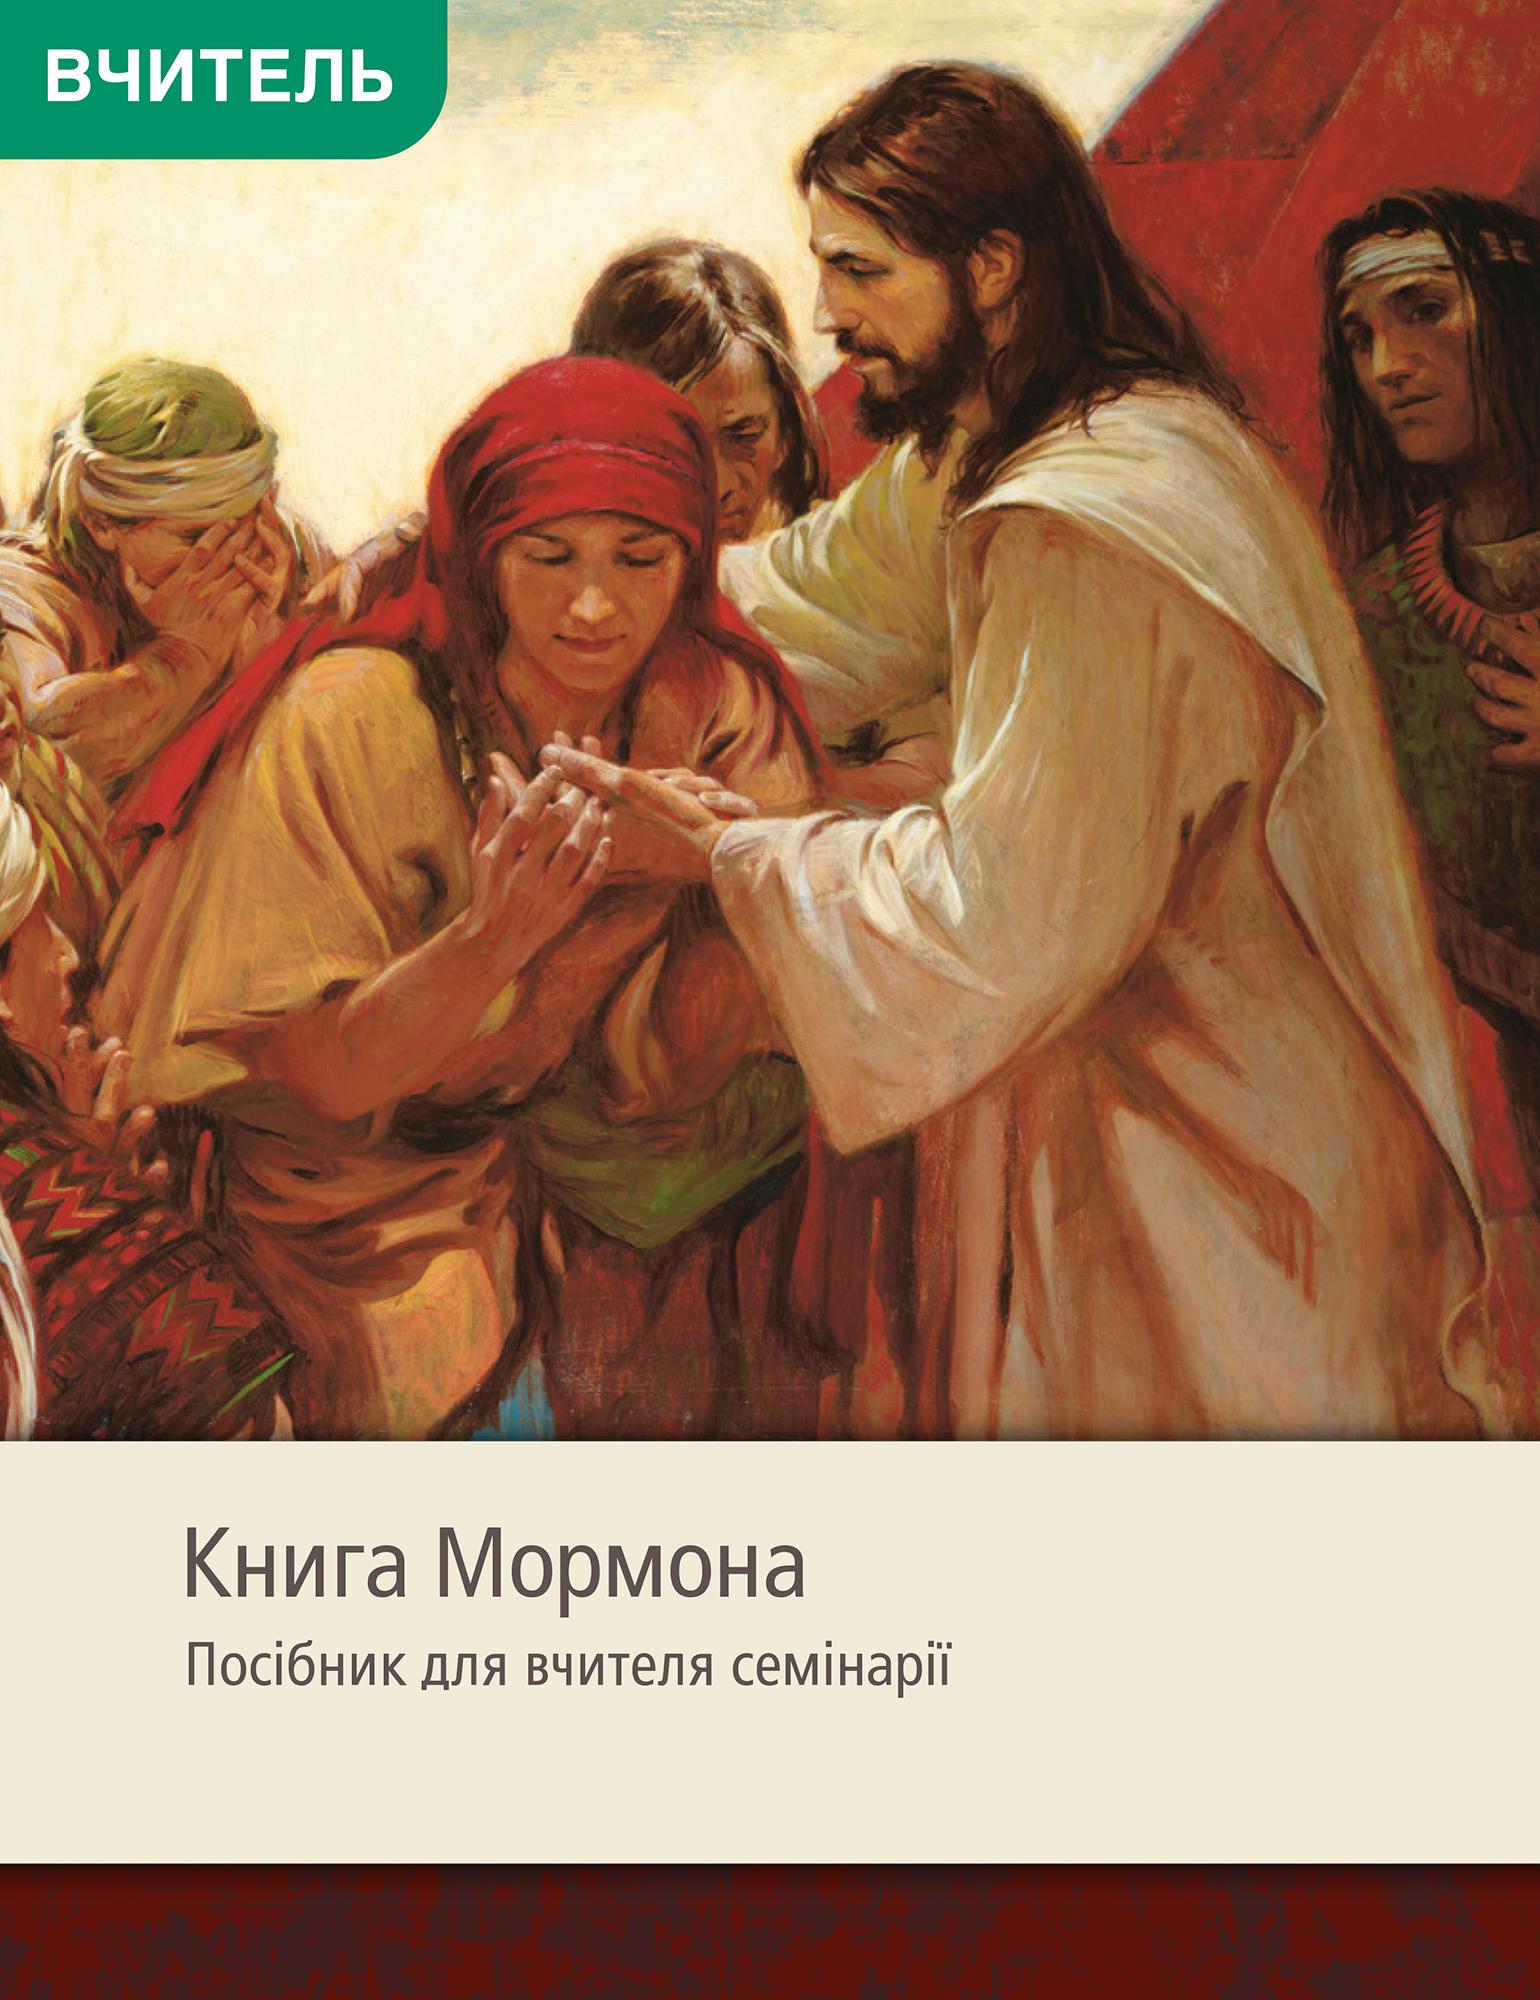 Книга Мормона. Посібник для вчителя семінарії